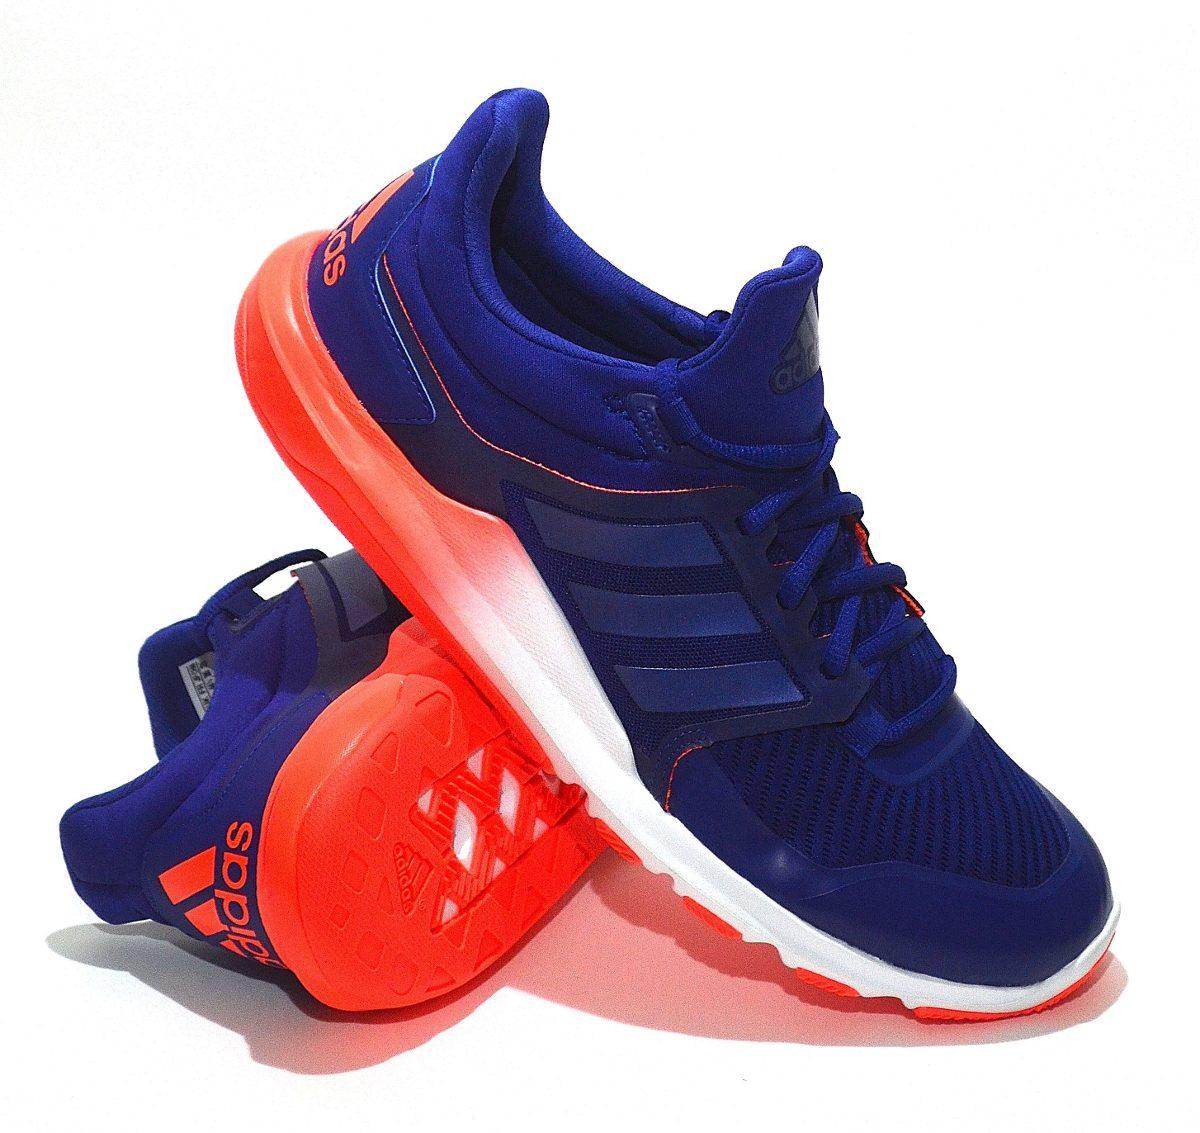 modelos de zapatillas adidas training